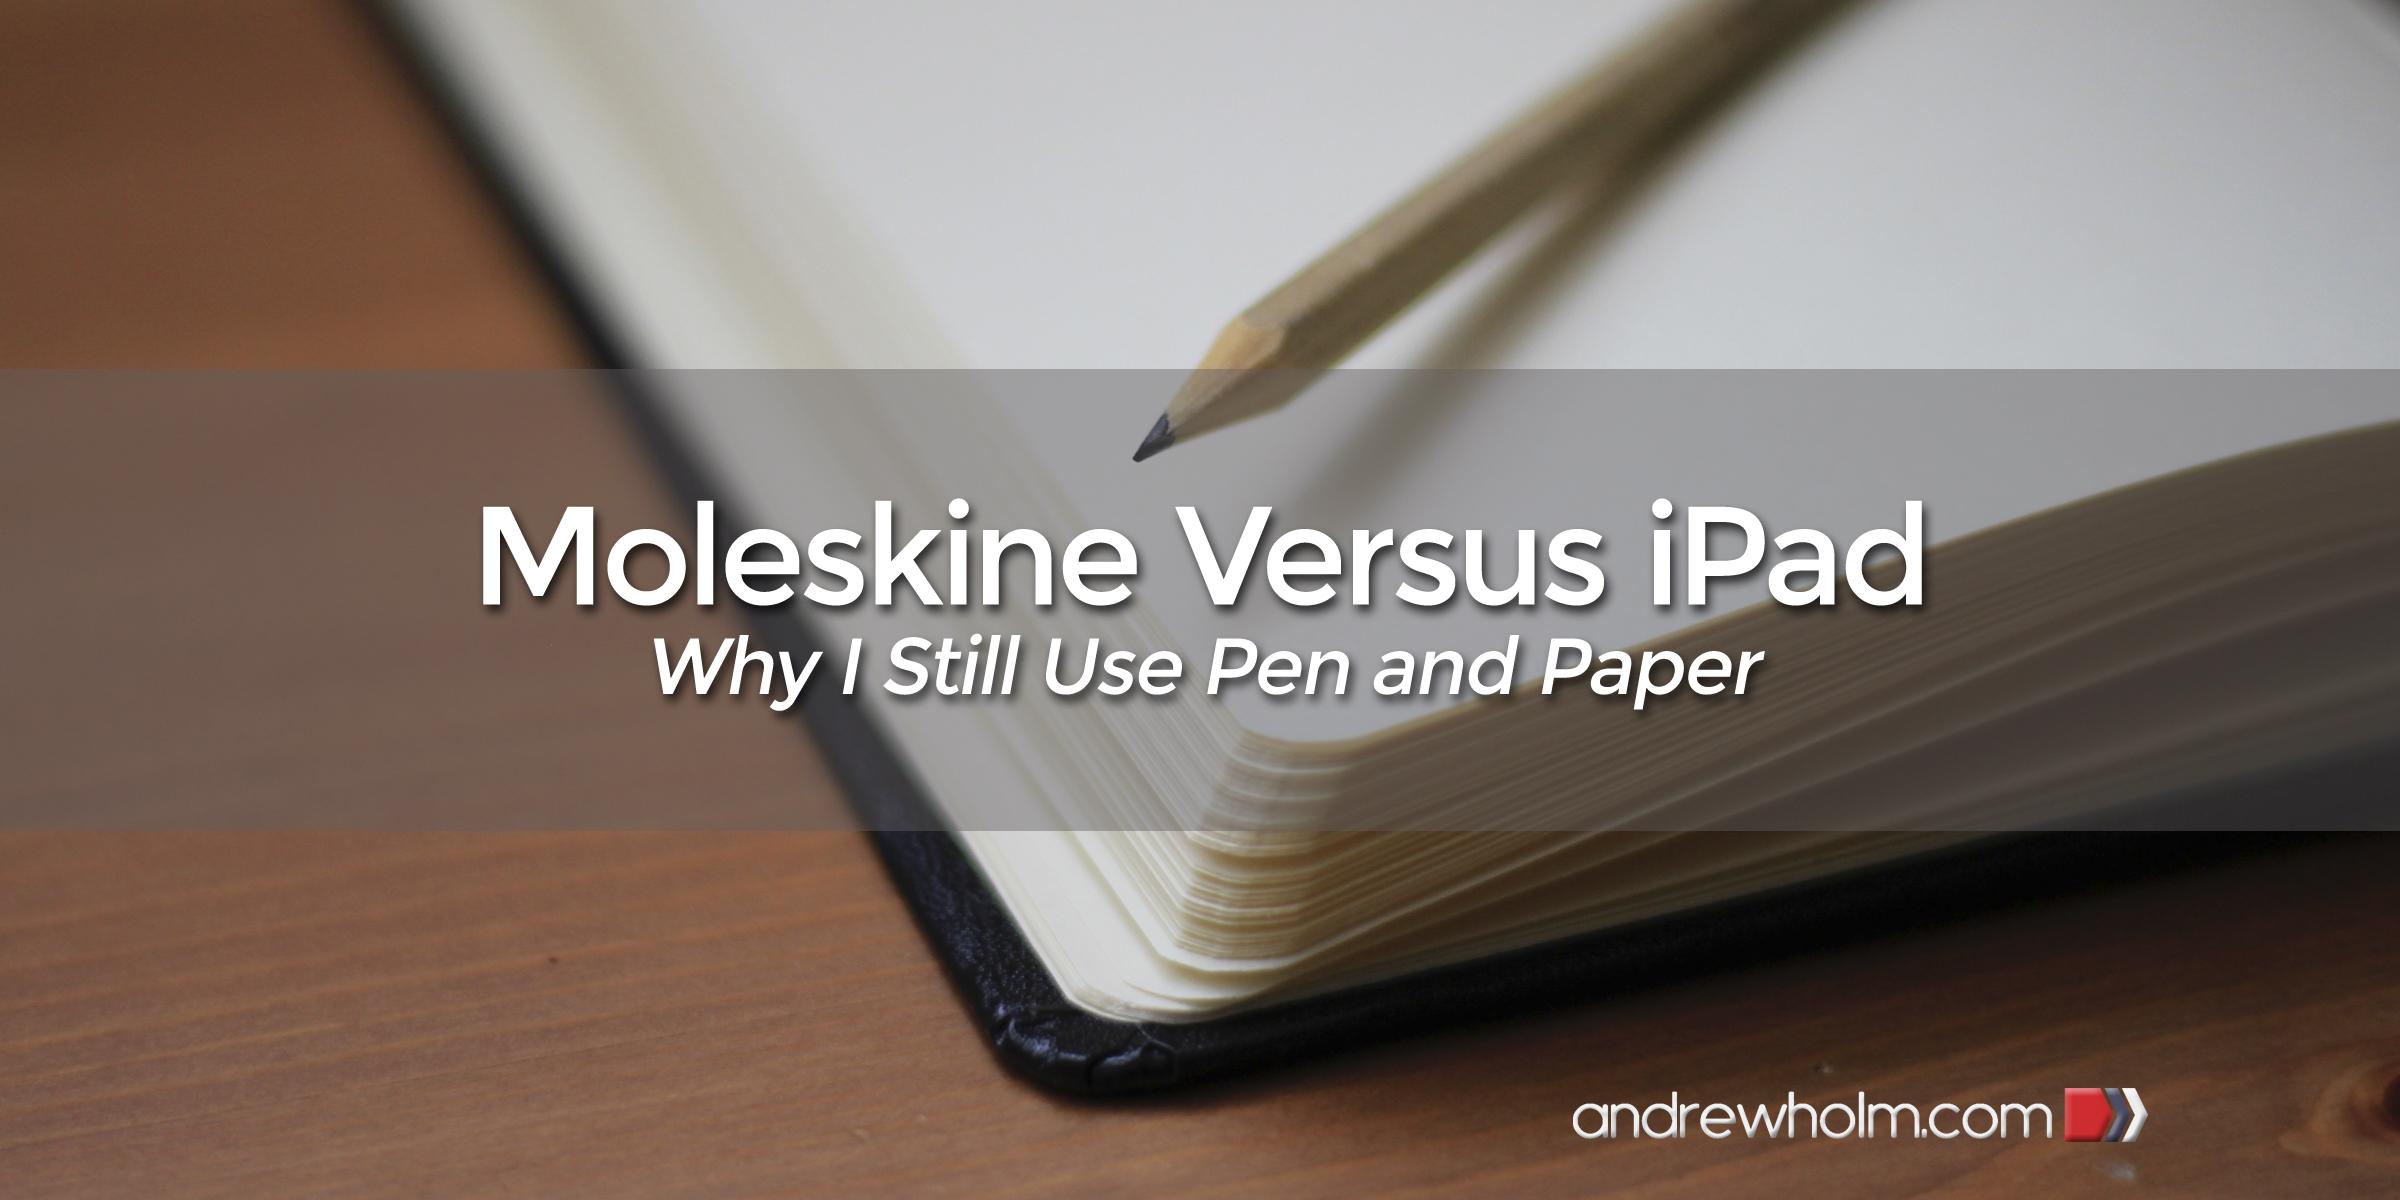 Moleskine Versus iPad